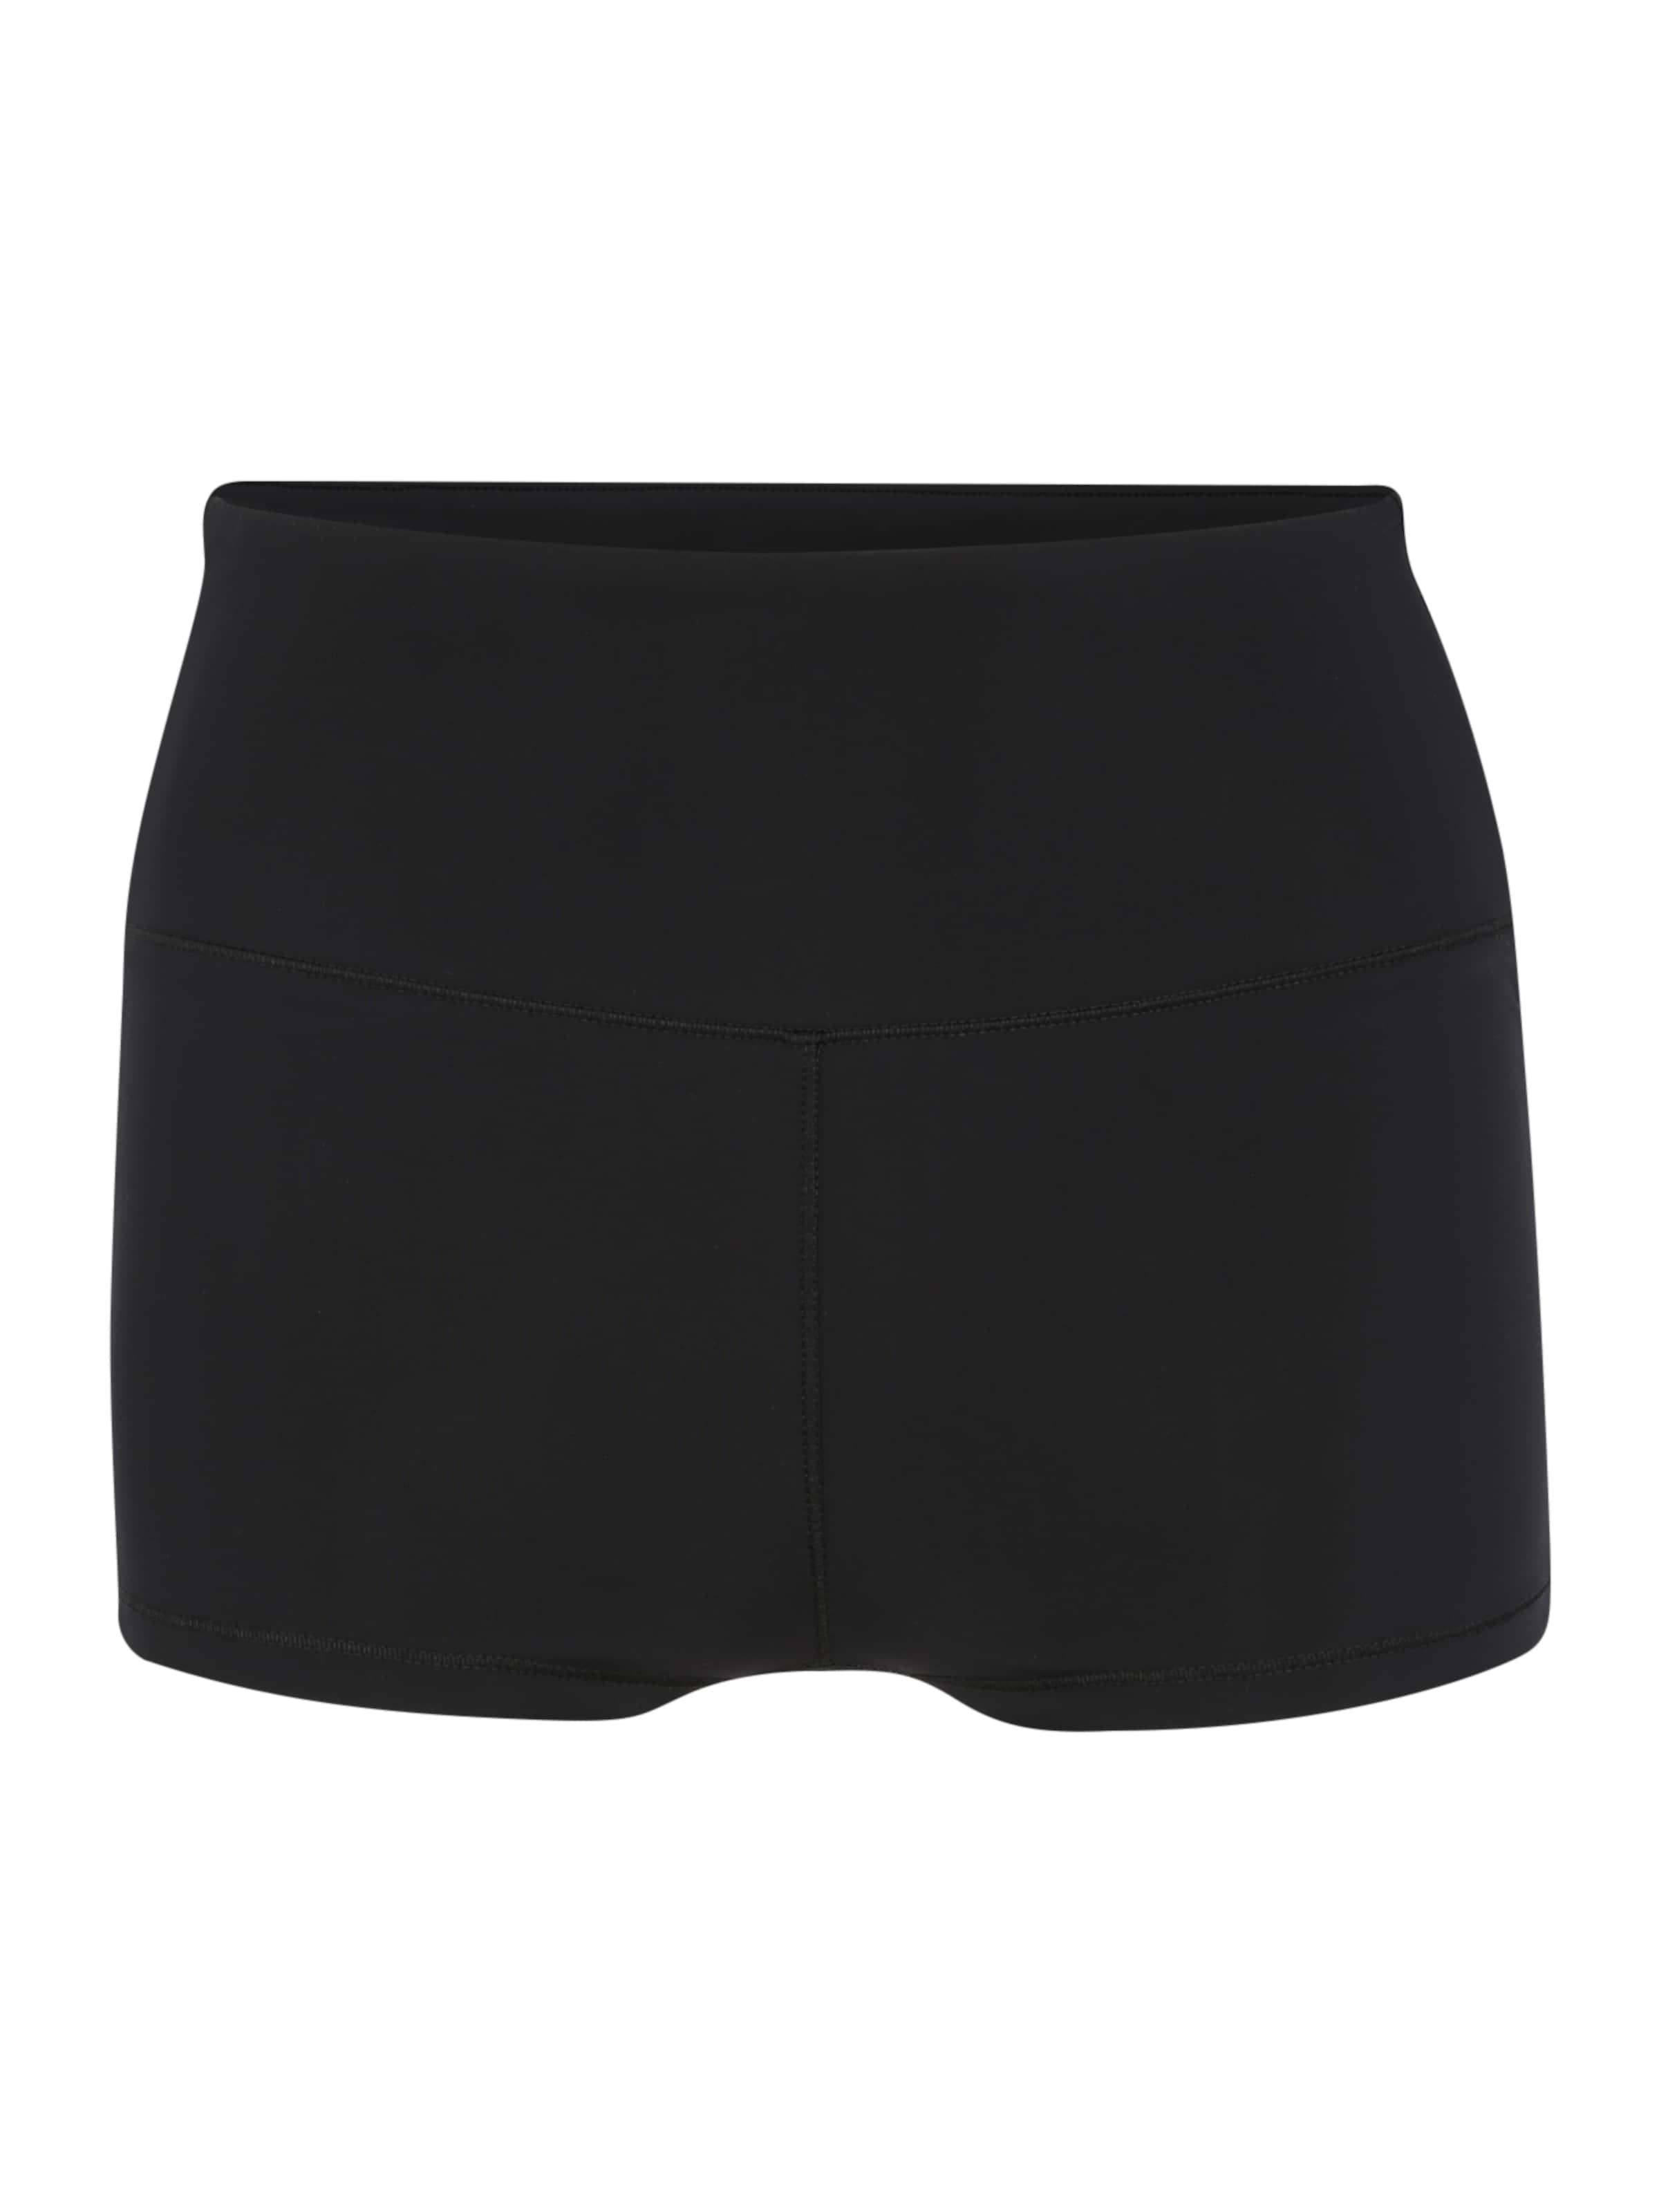 Casall Sportnadrágok fekete színben